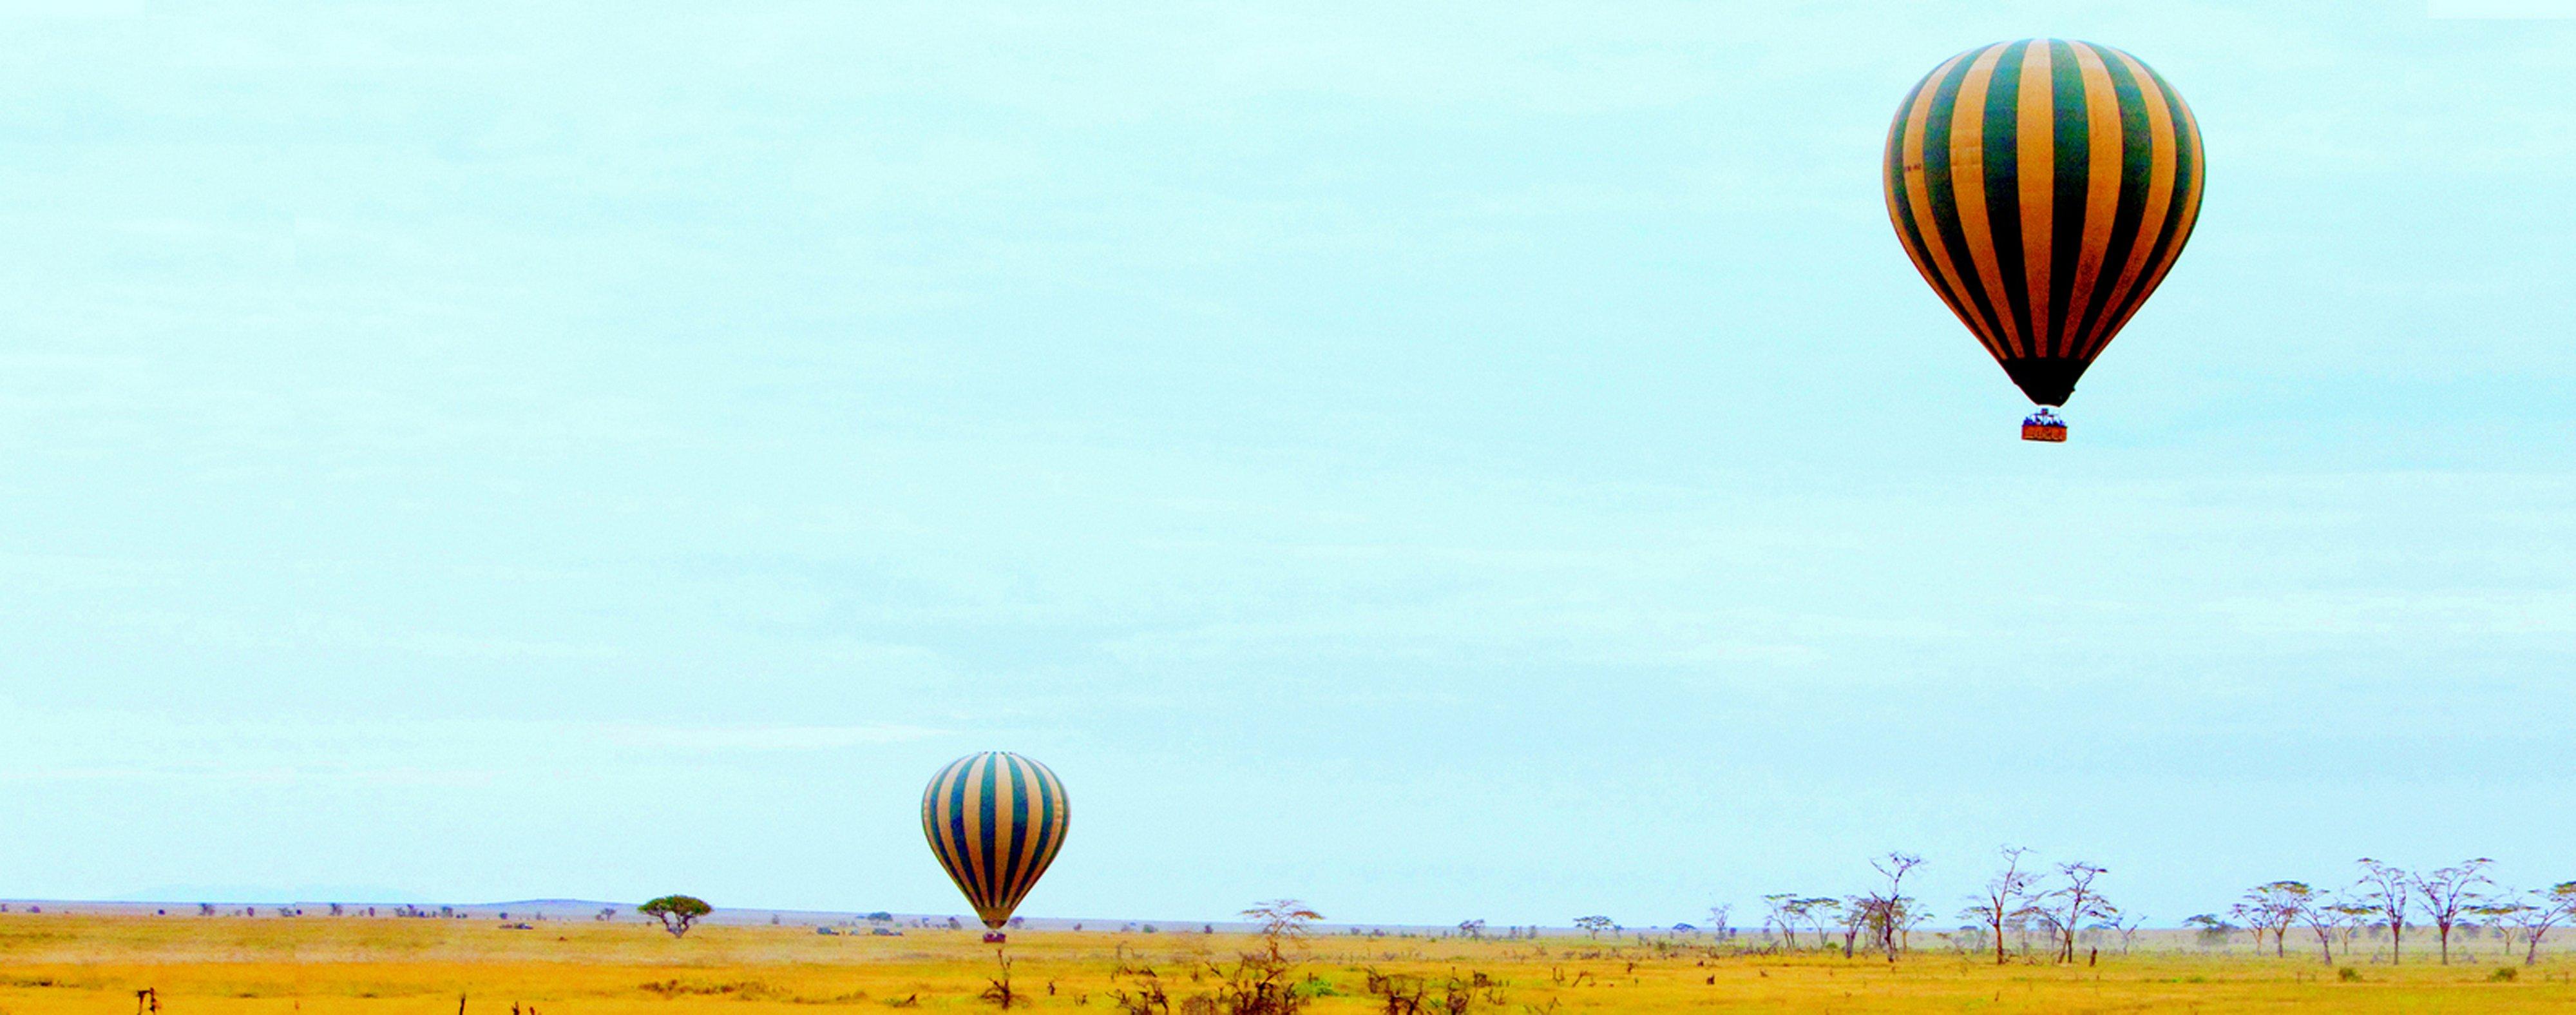 Dunia Camp Tanzania Balloon